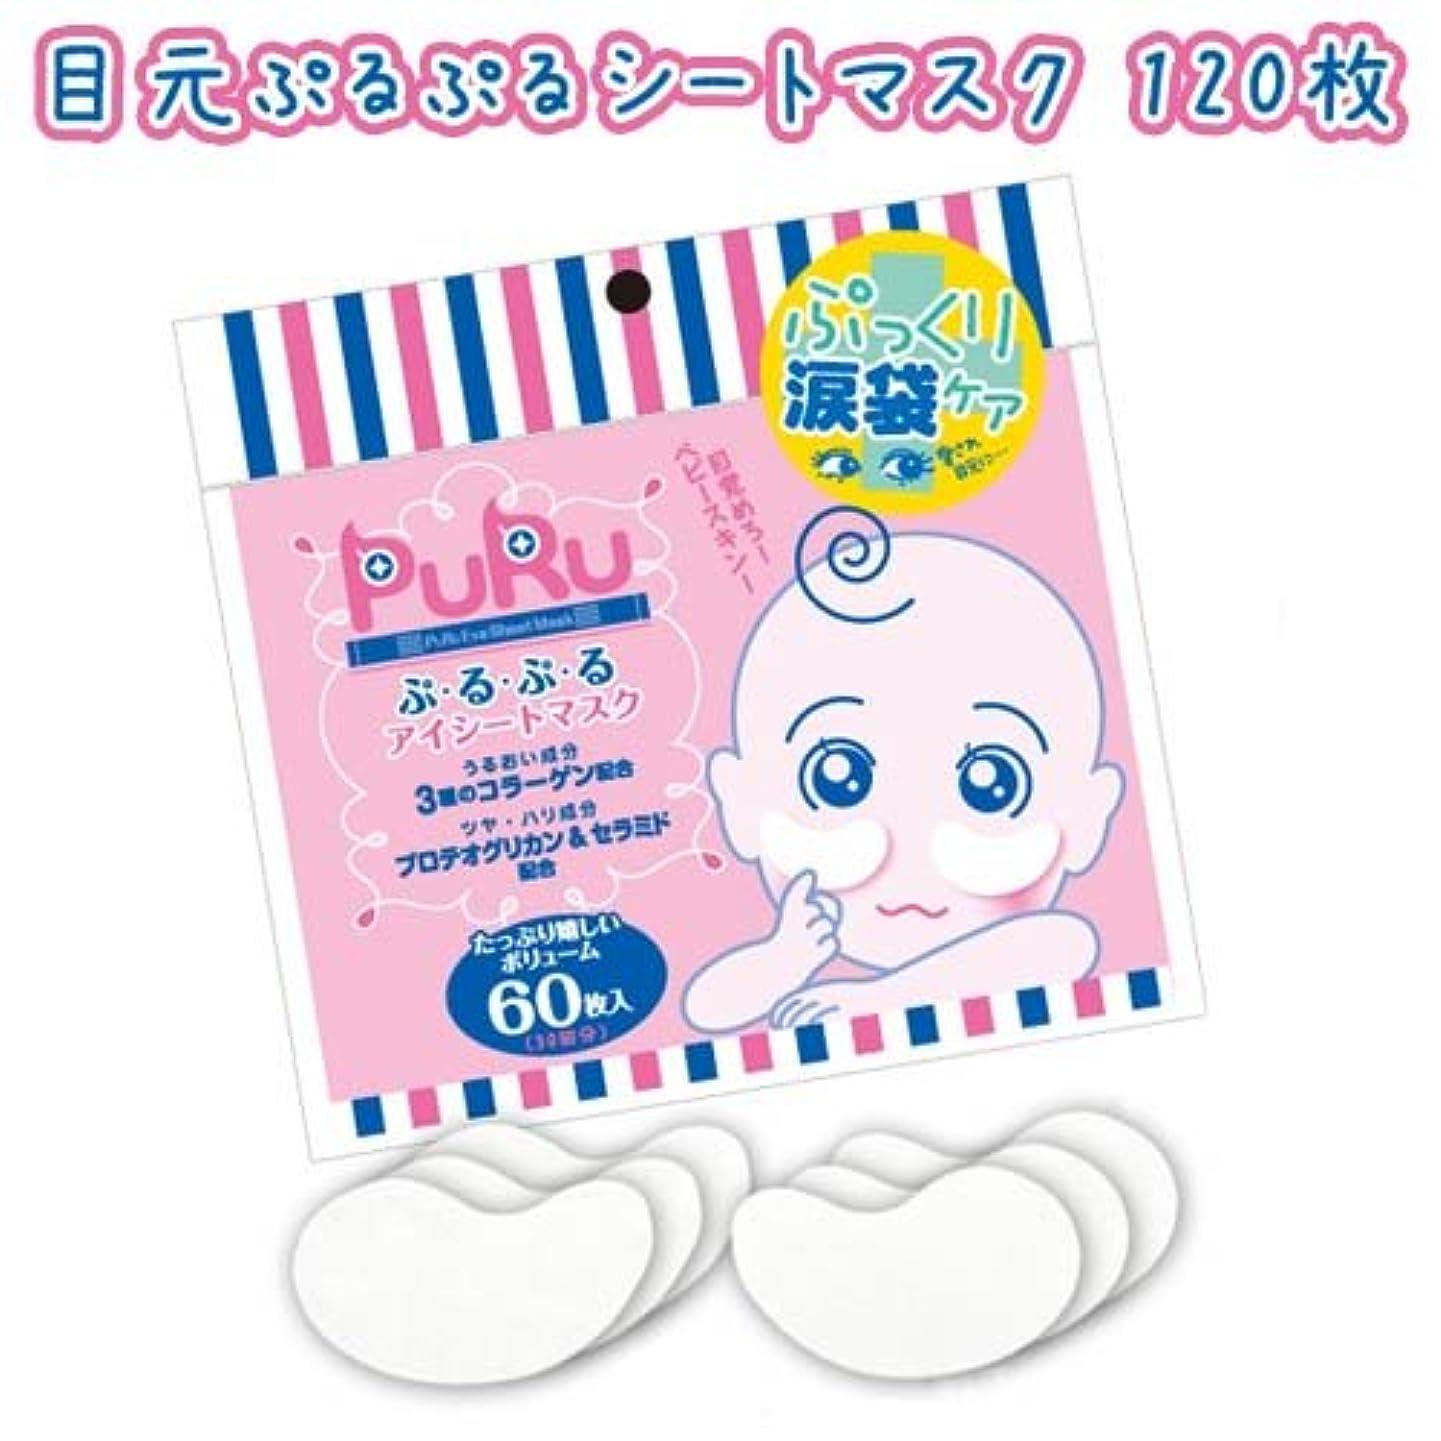 麦芽ブラザーゲートウェイ目元ぷるぷるアイシートマスク 120枚(60枚×2)